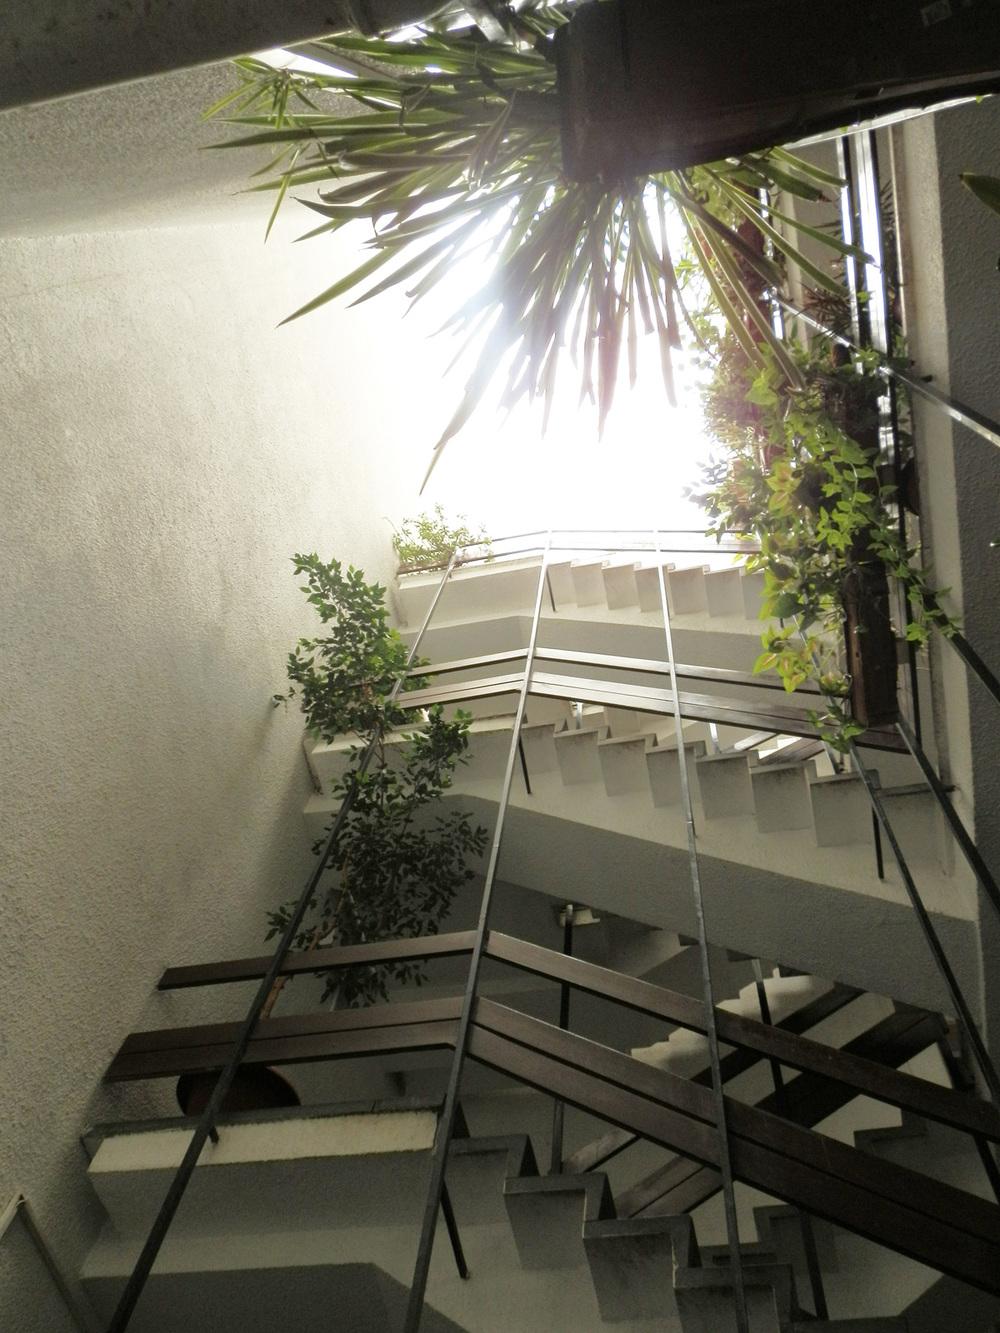 Resim 6: Galeri boşluğu ve tepe-penceresi